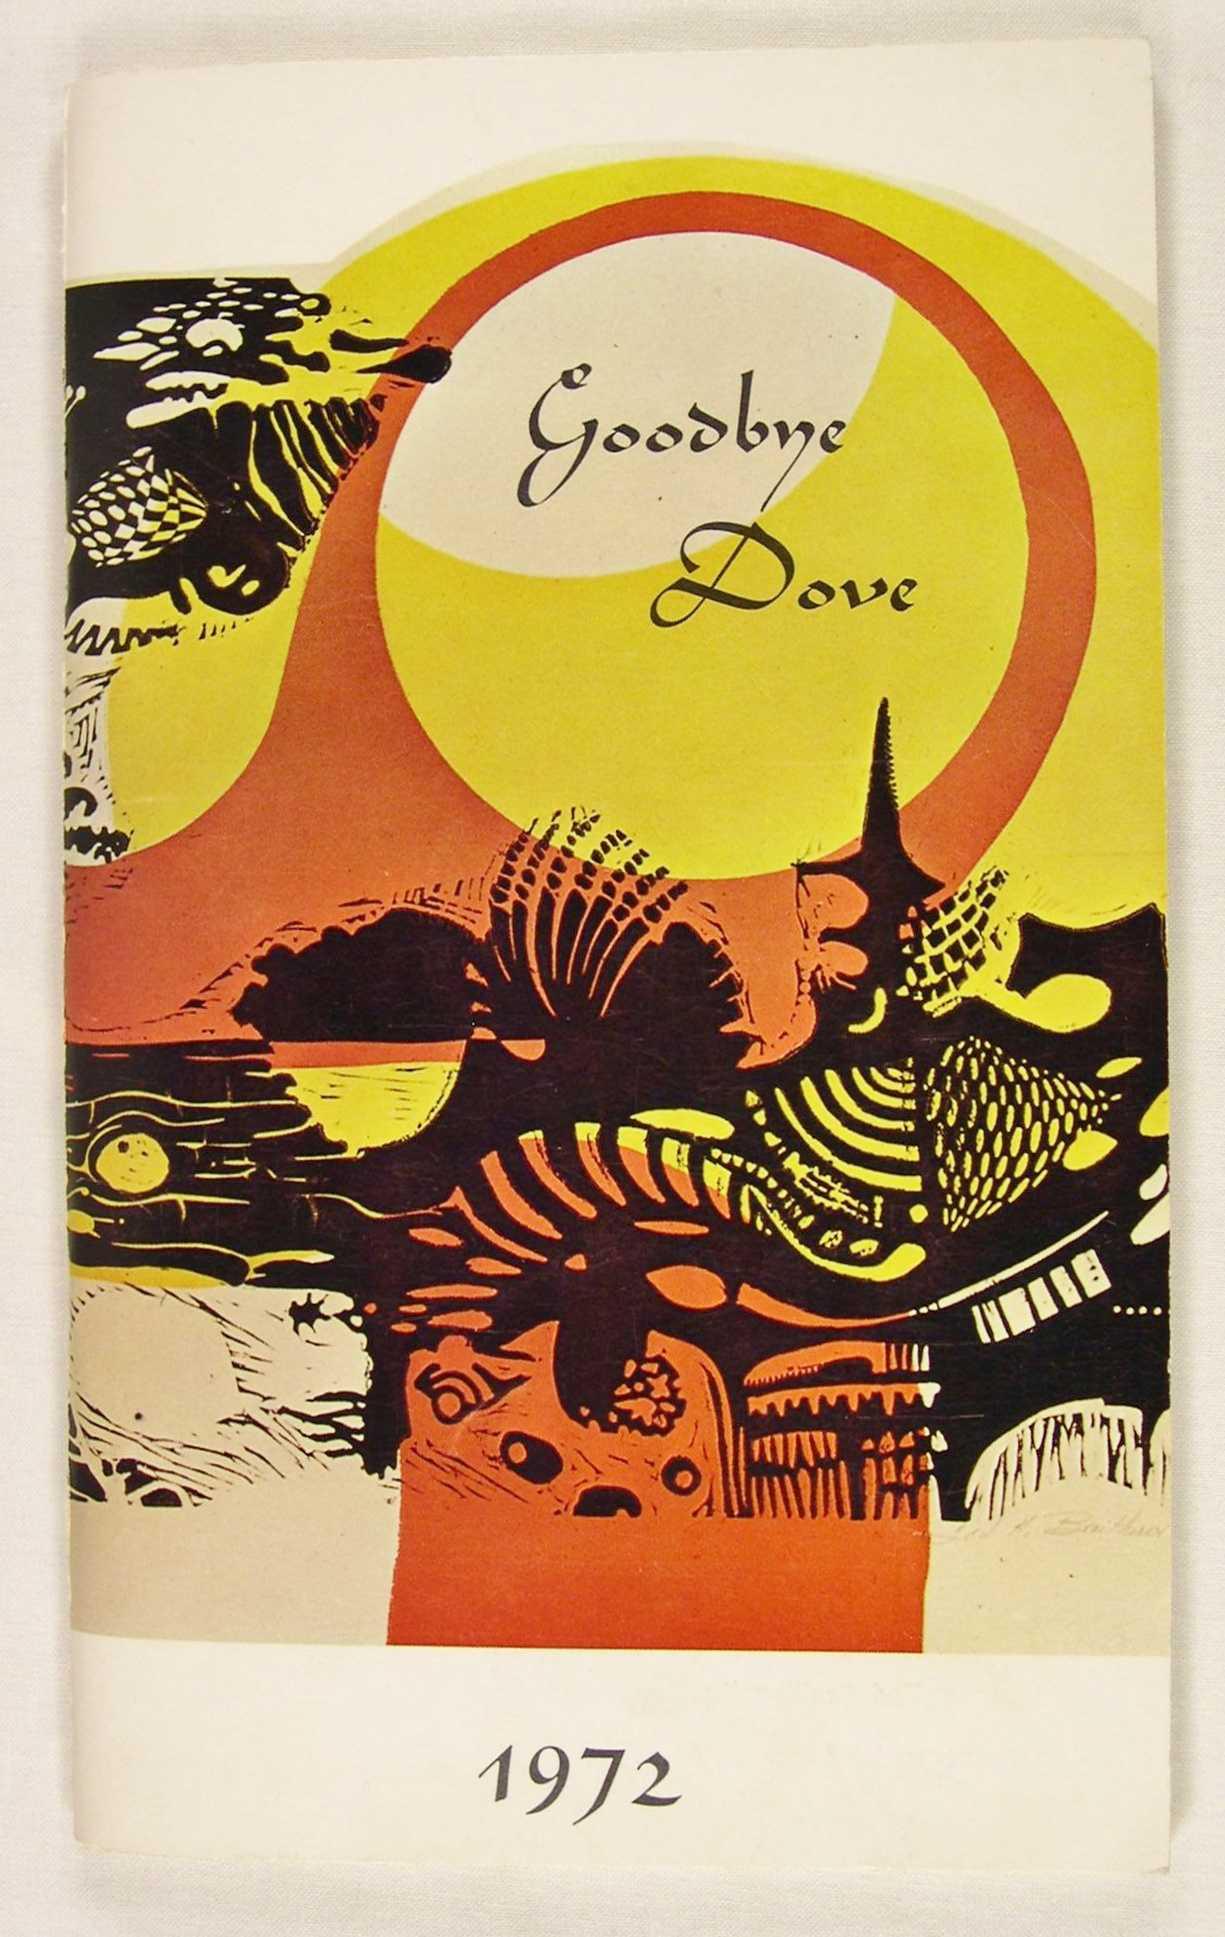 Goodbye Dove 1972, Volume 4, Number 1, Zamora, Susan (Editor)